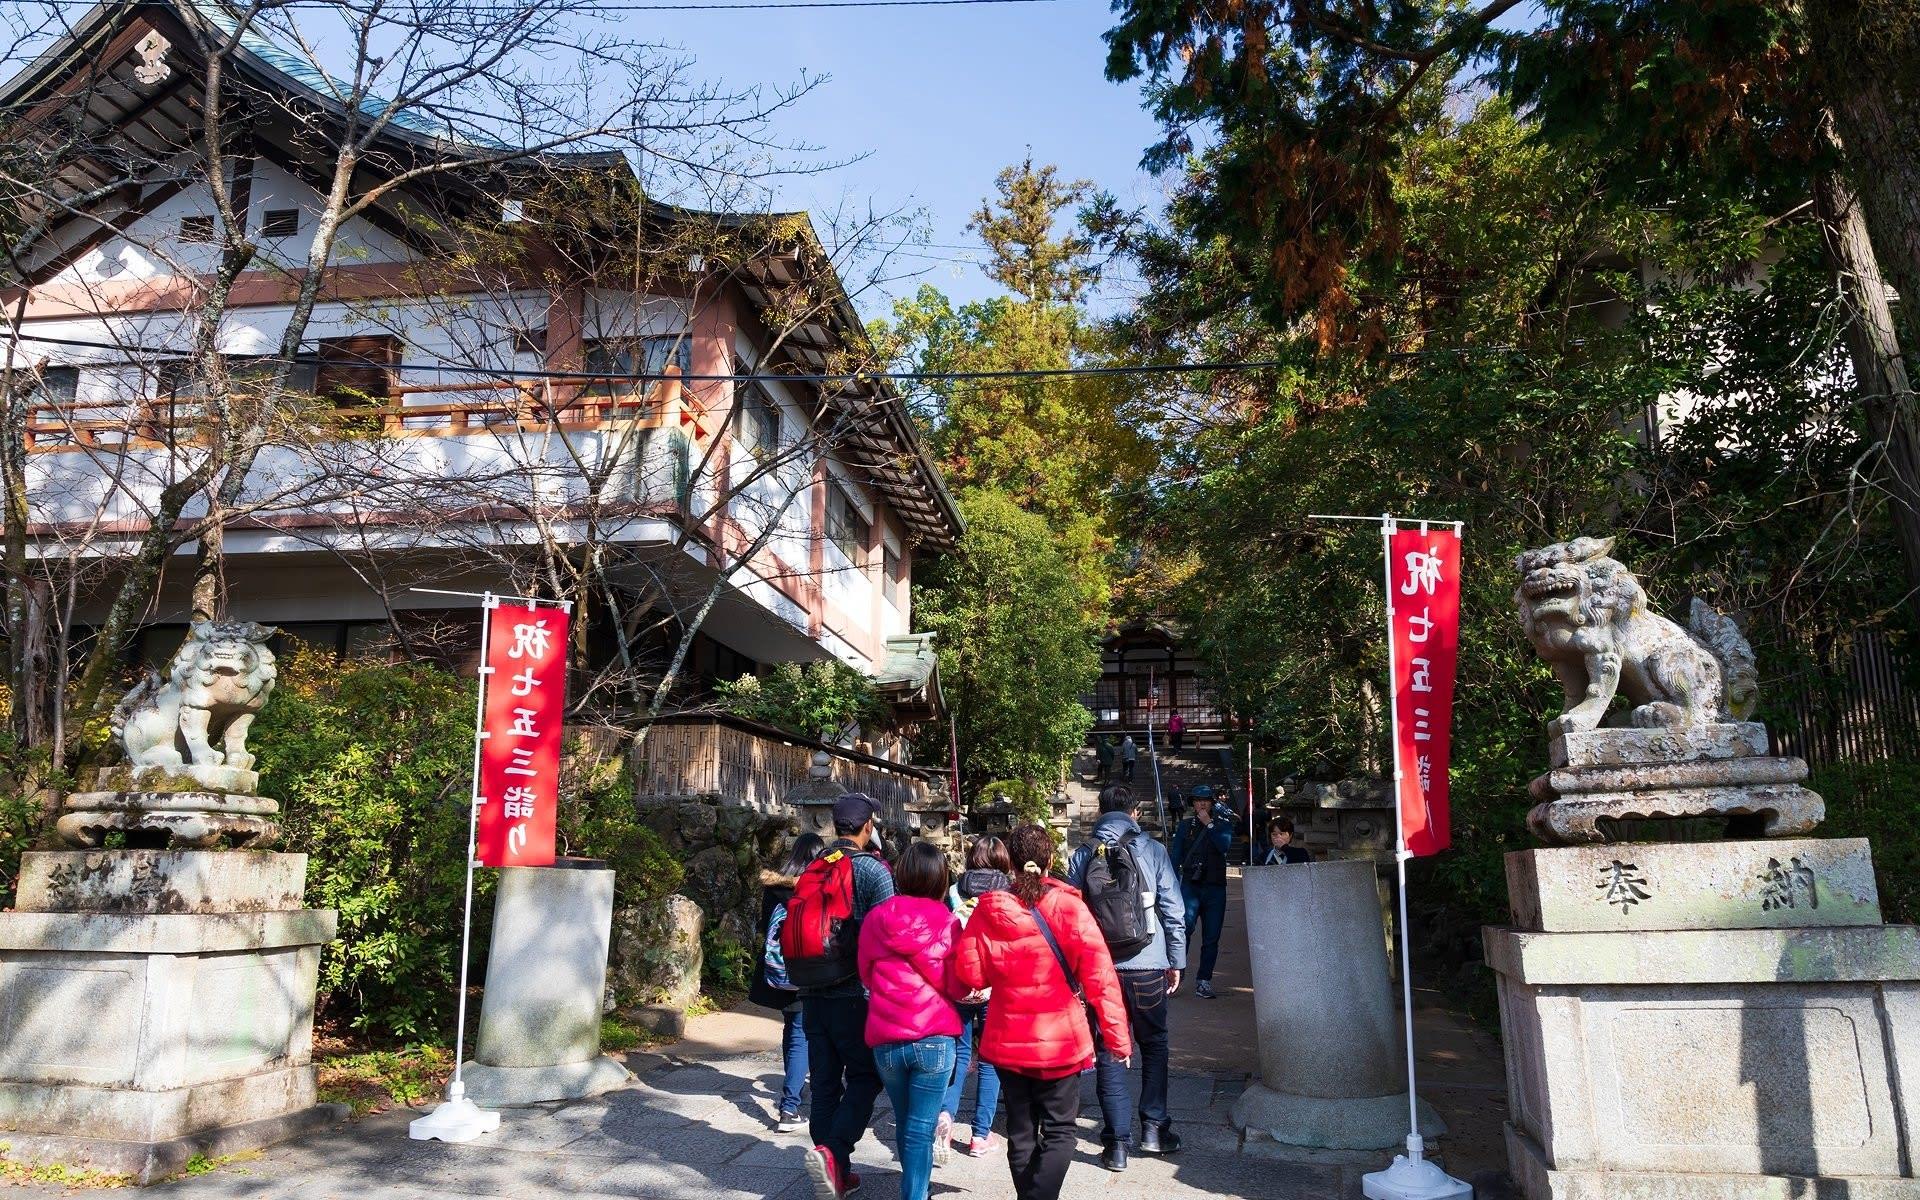 18年紅葉の京都 宇治神社の壁紙 計10枚 壁紙 日々駄文